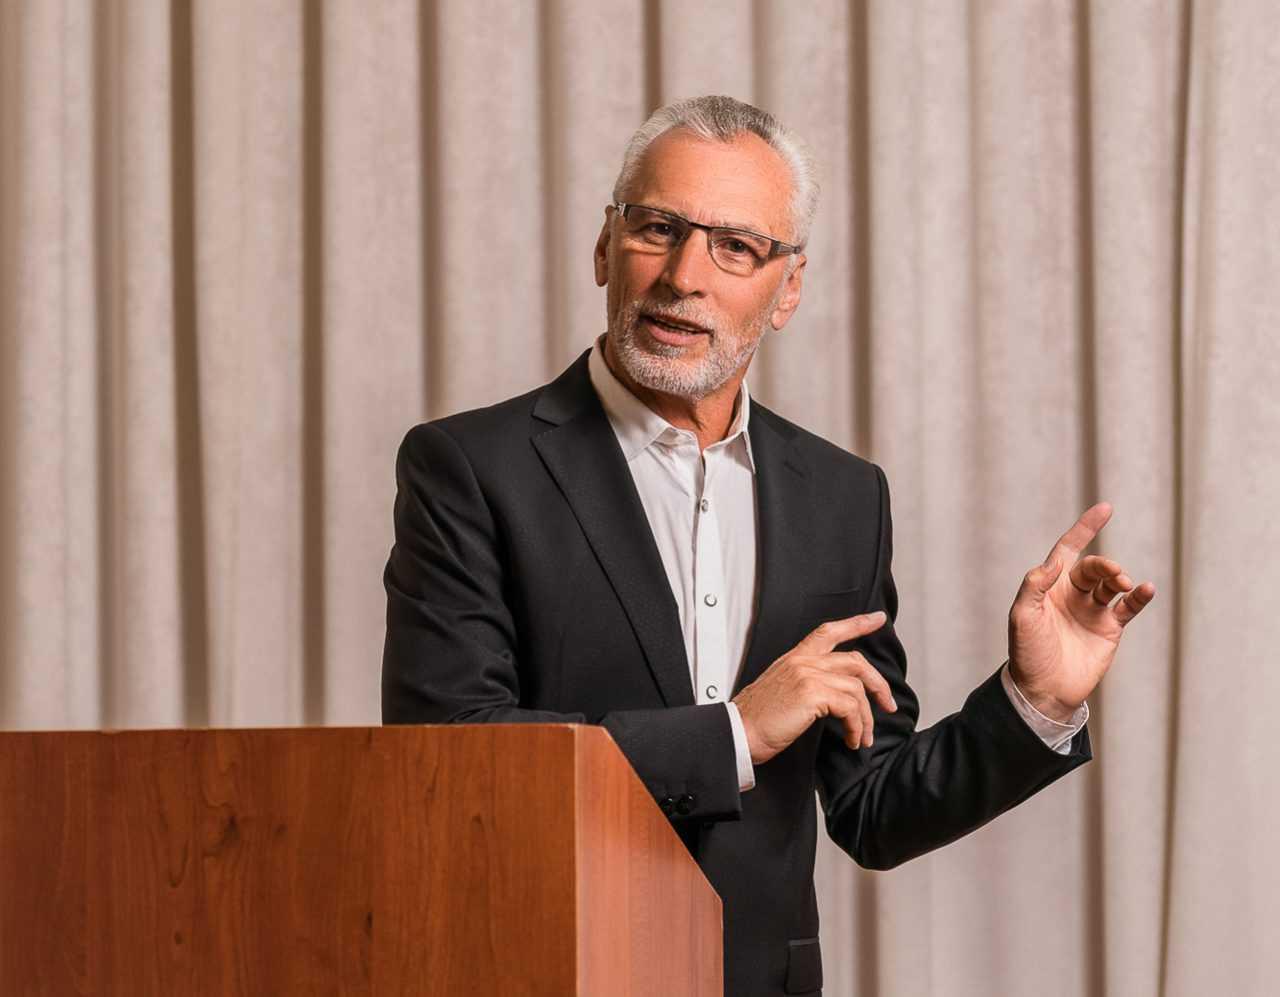 Спікер в конференц залі, Риксос, Украина